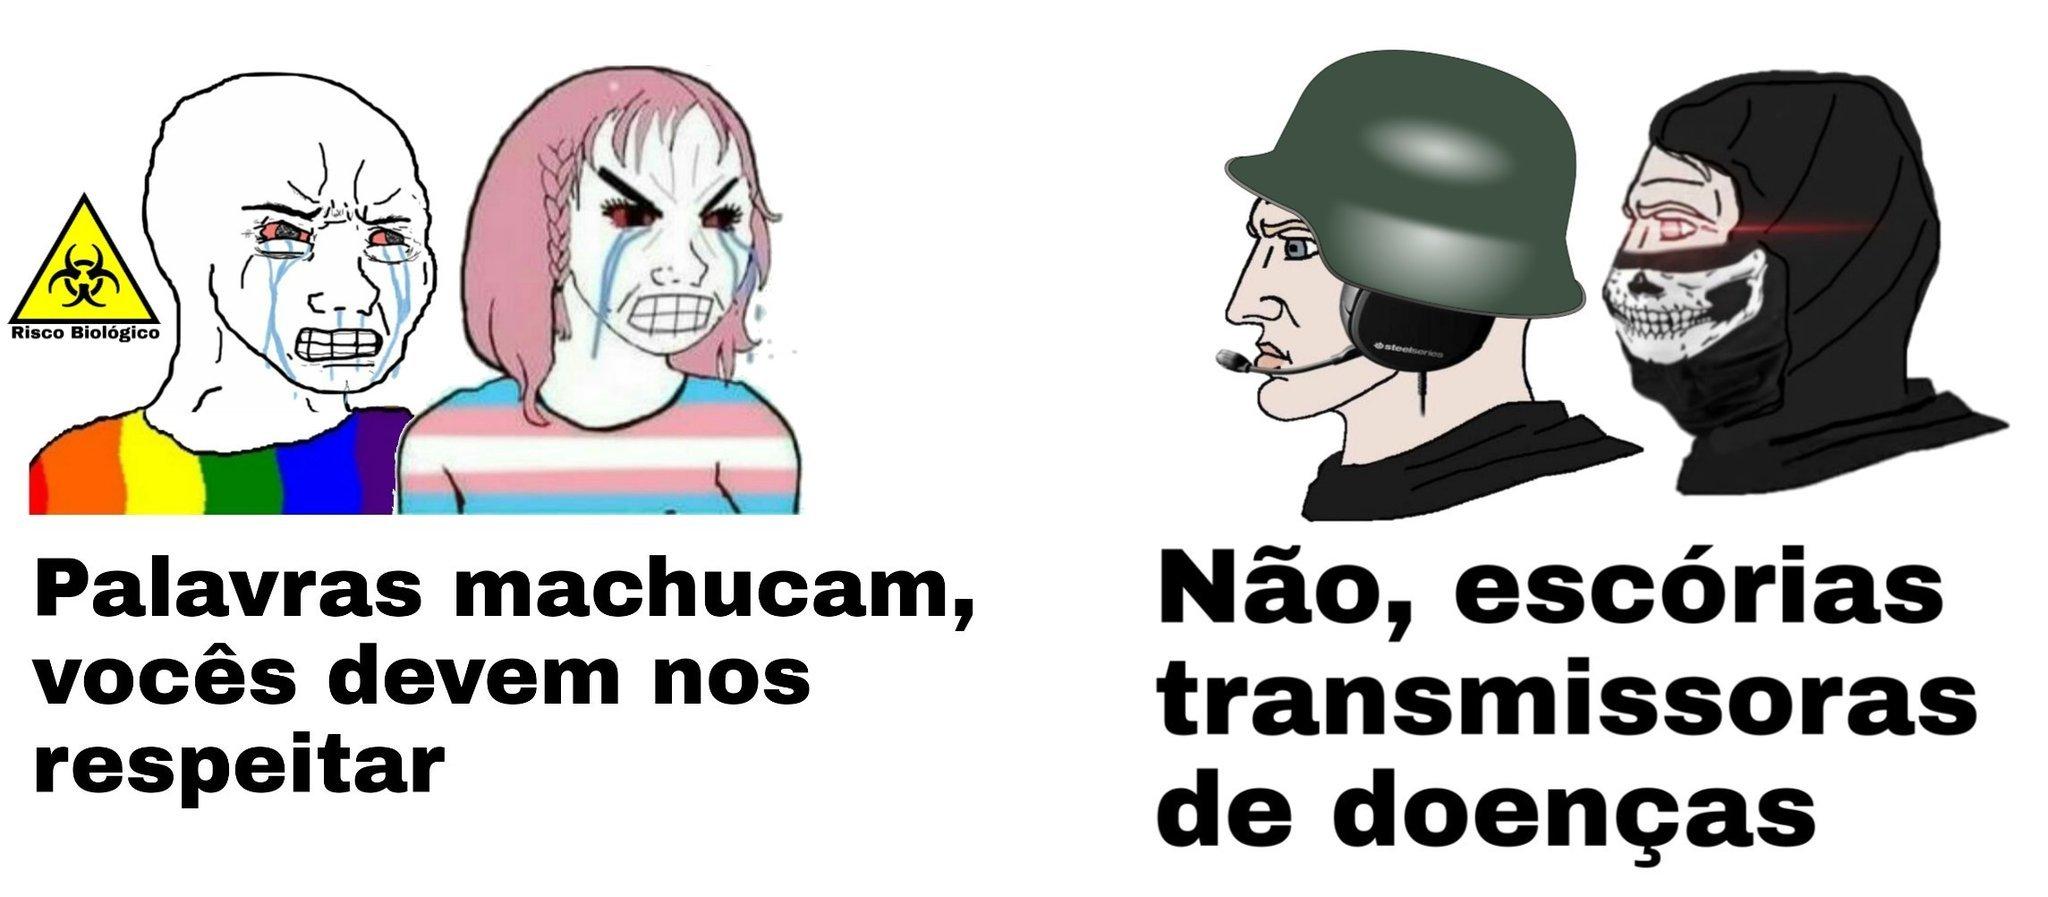 Kggjjj - meme